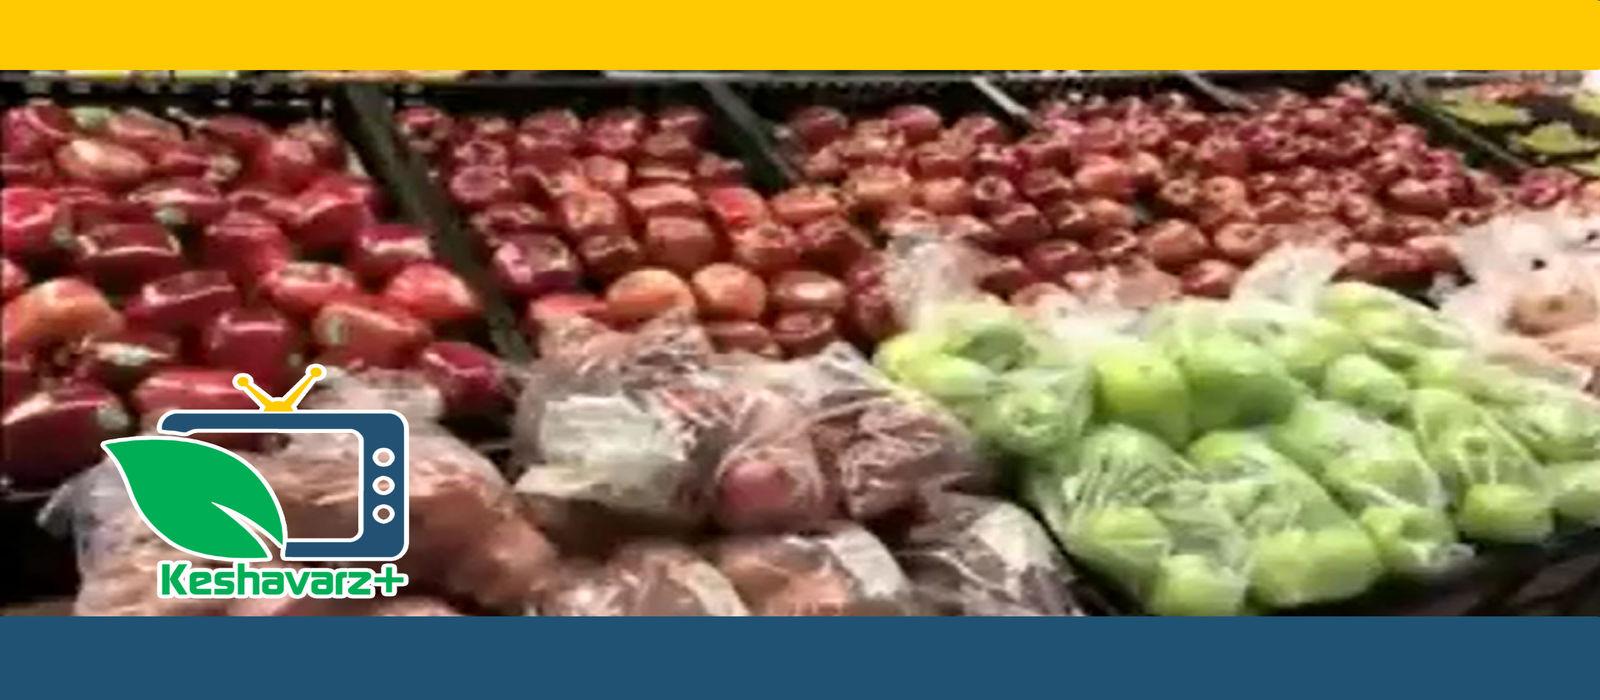 میوه ها در صنایع غذایی